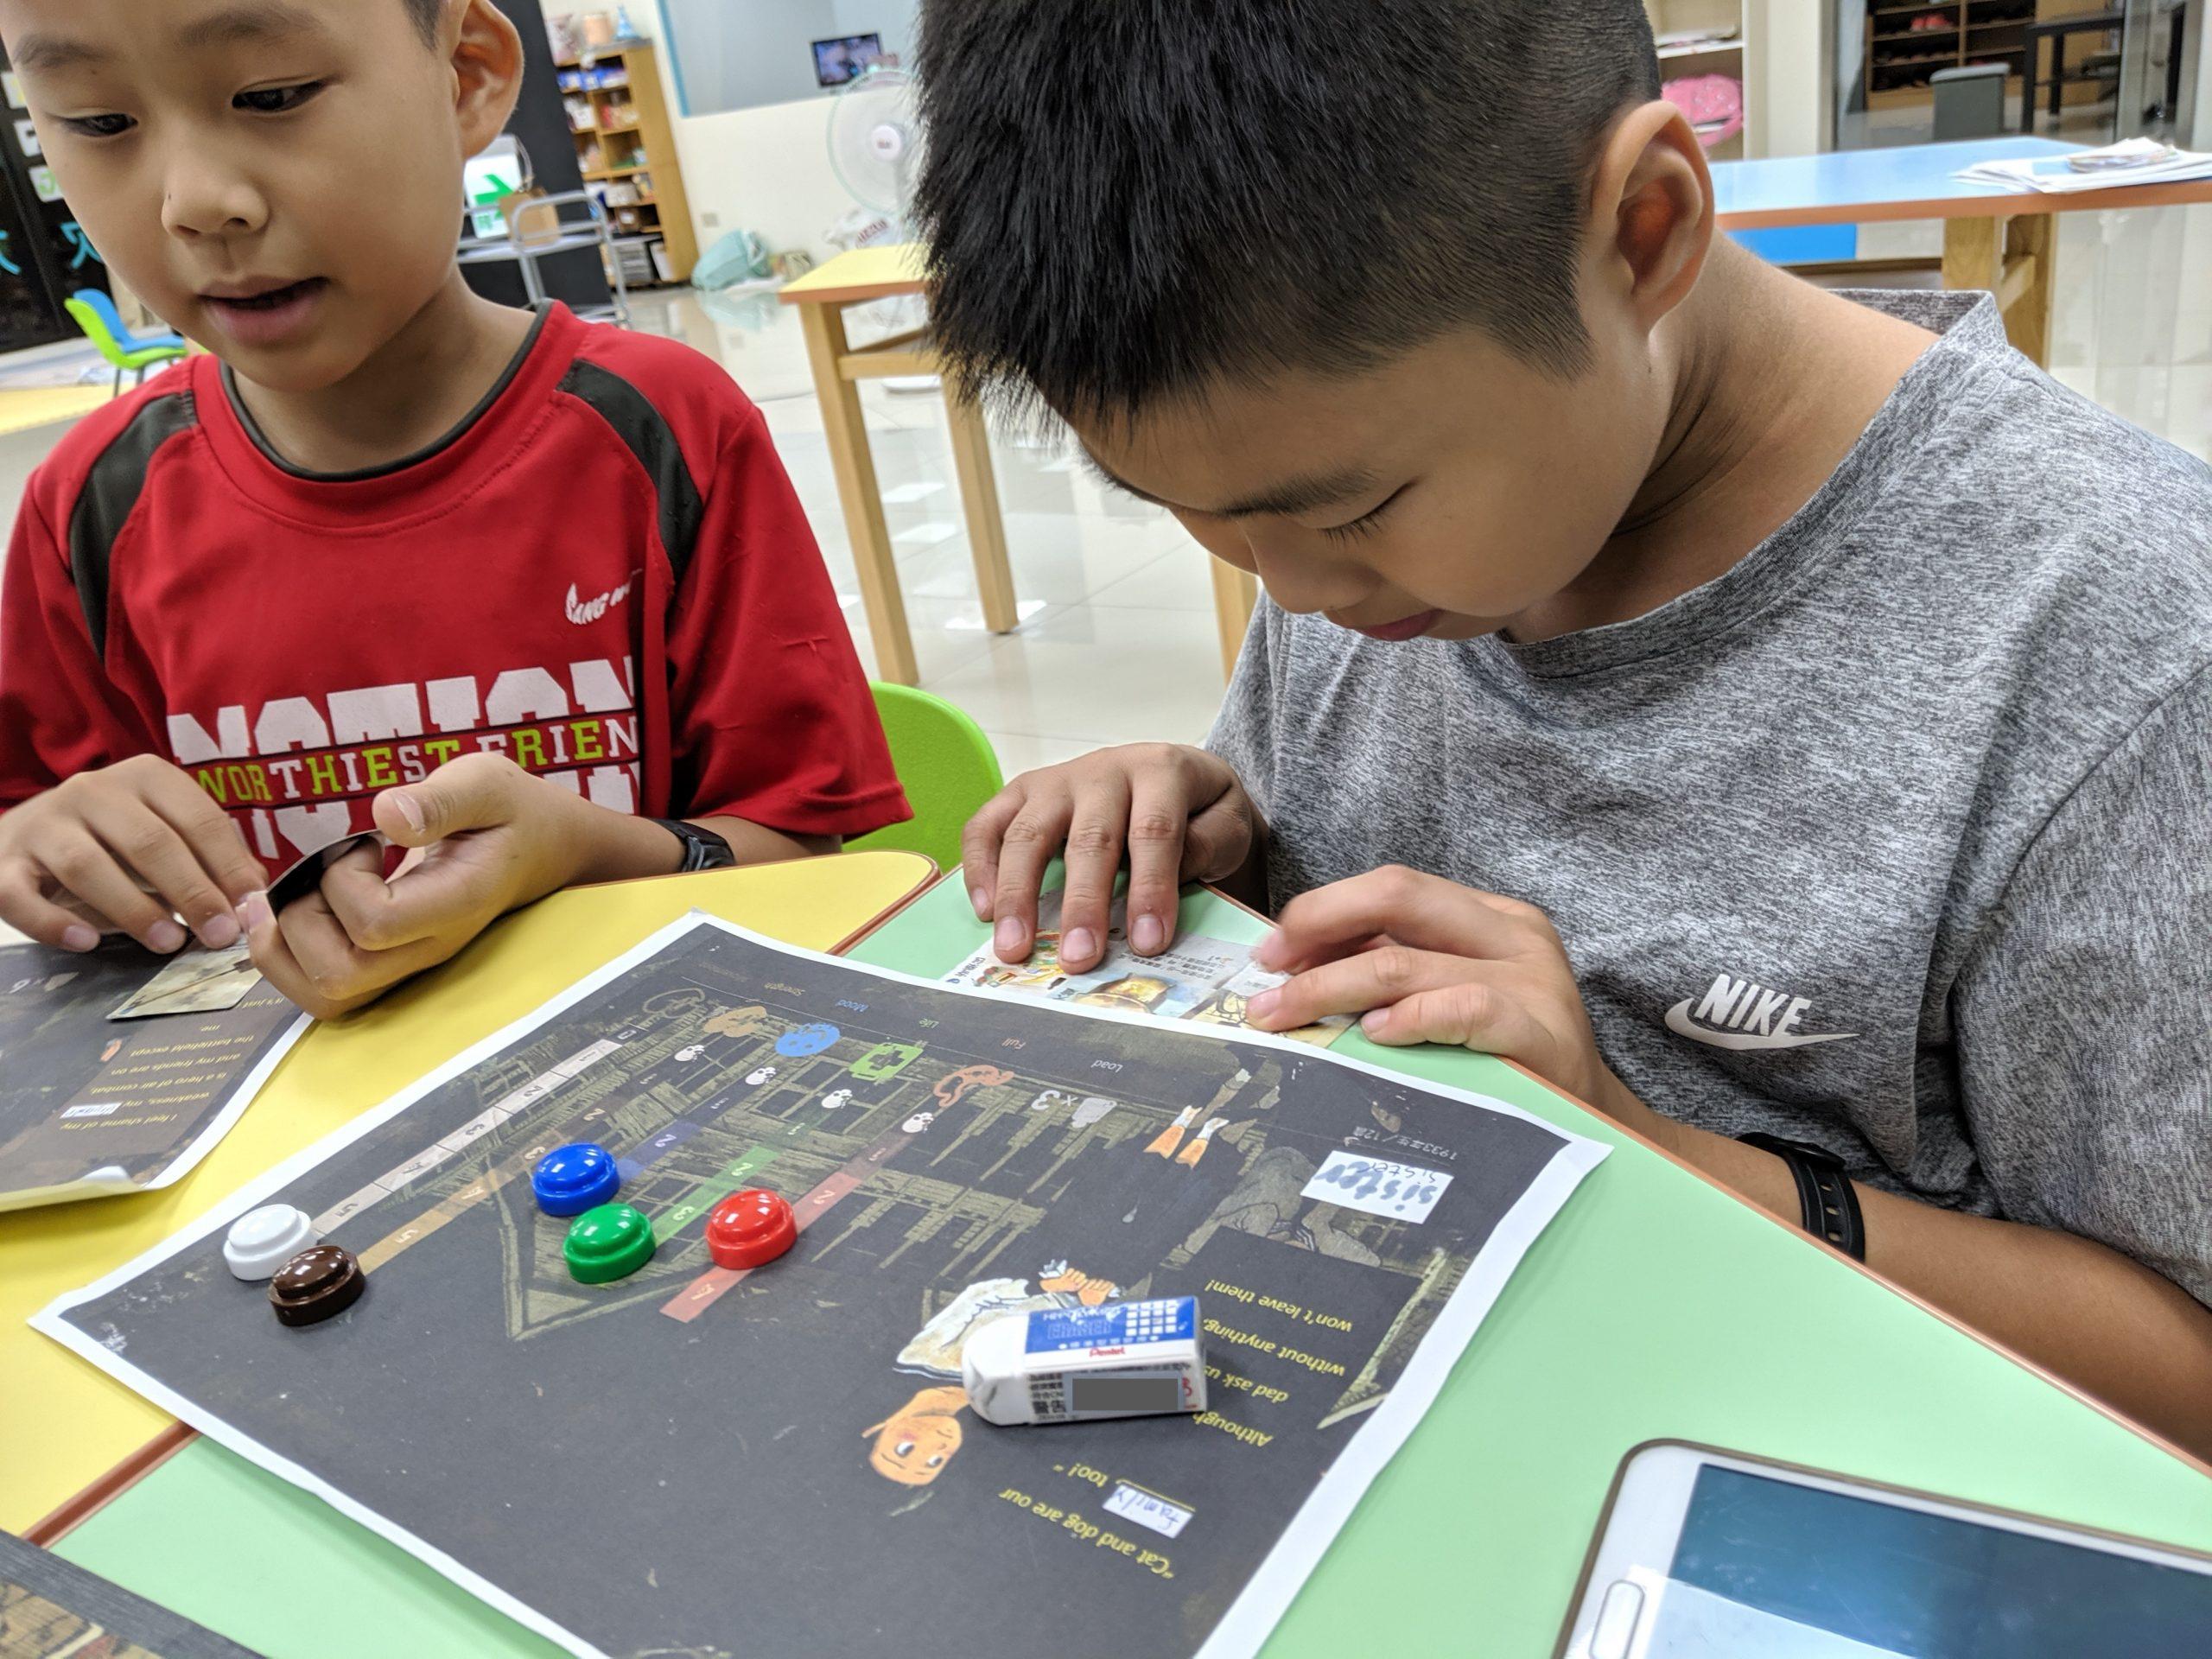 《台北大空襲》一款桌遊學歷史、數學、英文